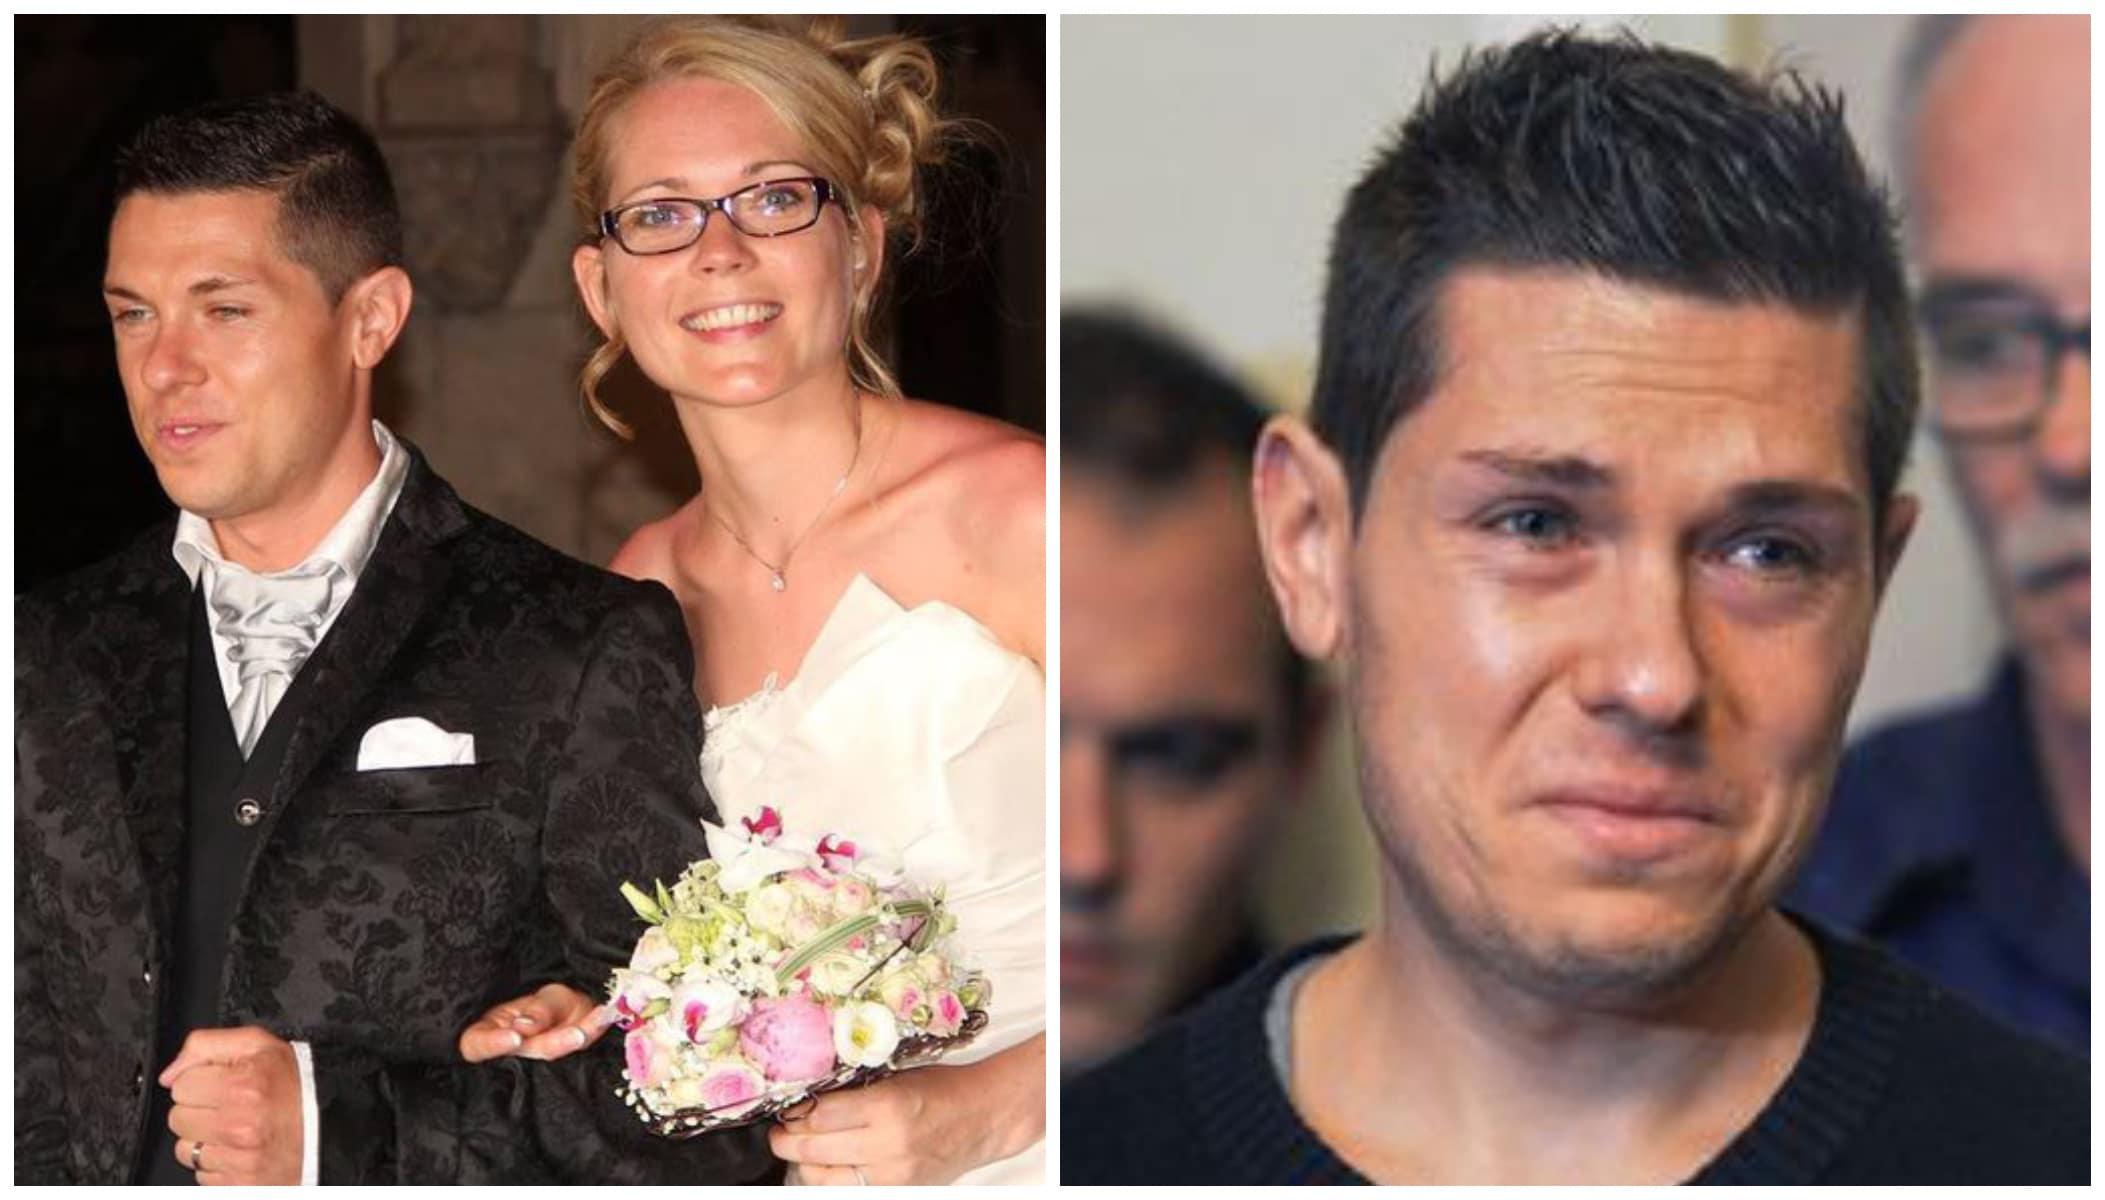 Procès Jonathann Daval : la mère d'Alexia a lue une lettre d'amour de sa fille face à Jonathann@